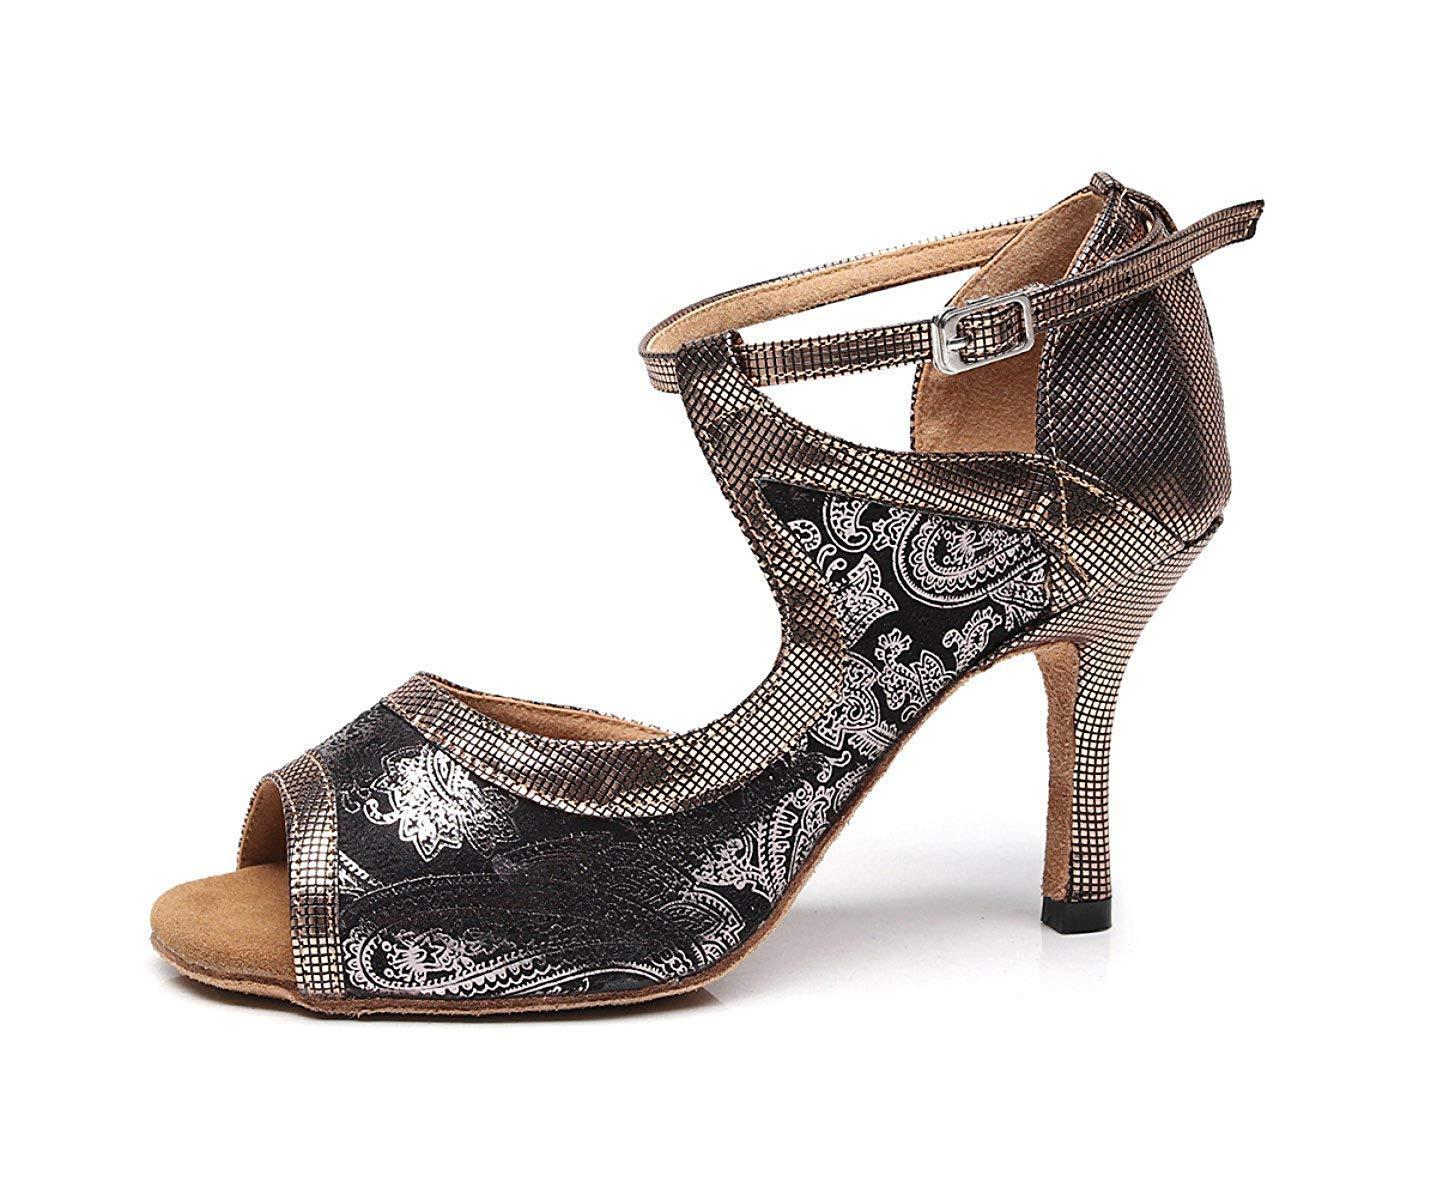 Yingsssq Lateinamerikanische Tanzschuhe für Damen Salsa Tango Chacha Samba Modern Jazz Schuhe Sandalen High Heels Braunabsatz7.5cm-UK4.5   EU36   Our37